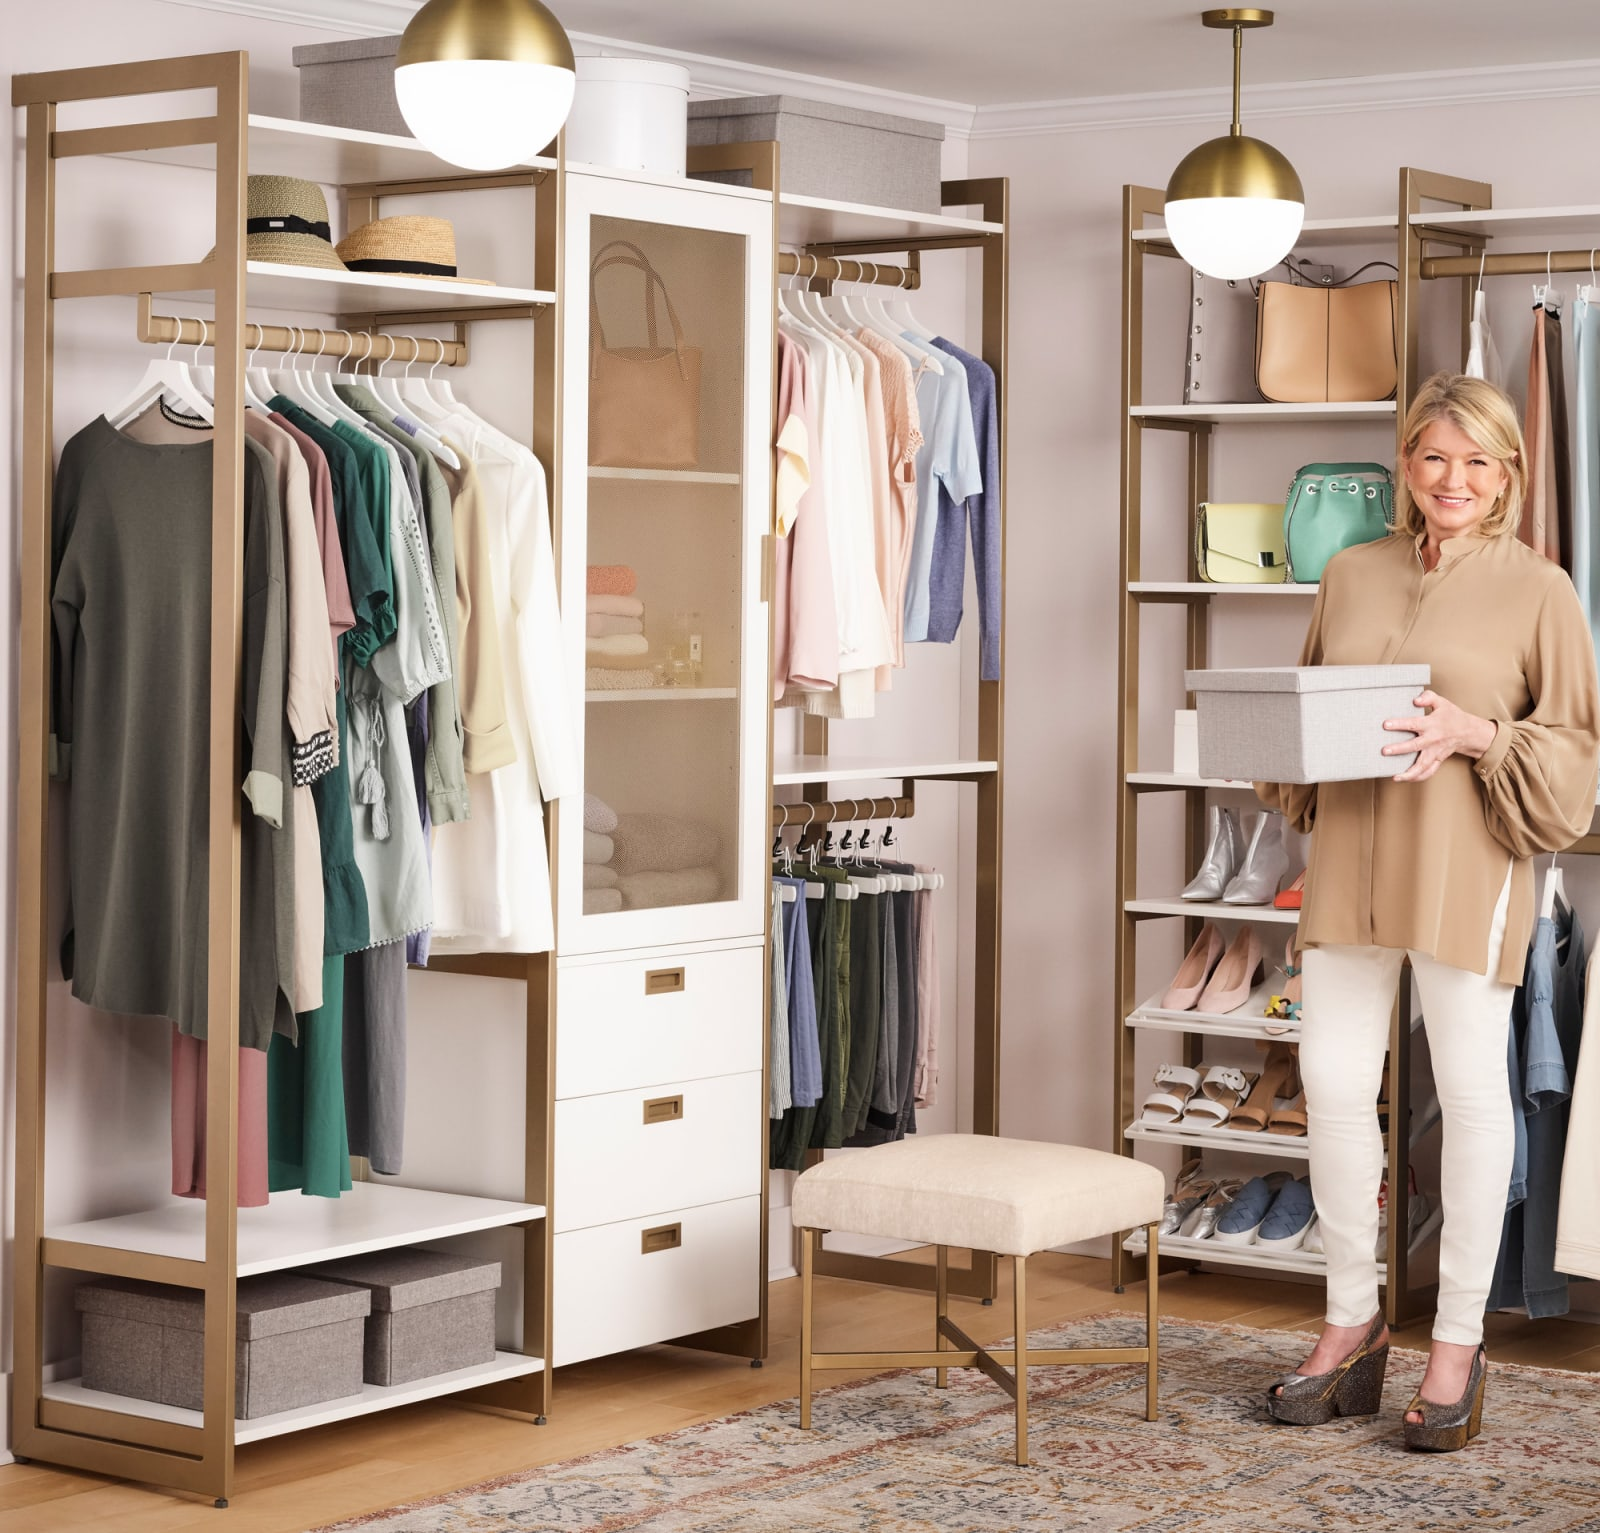 Martha Stewart in her walk-in closet